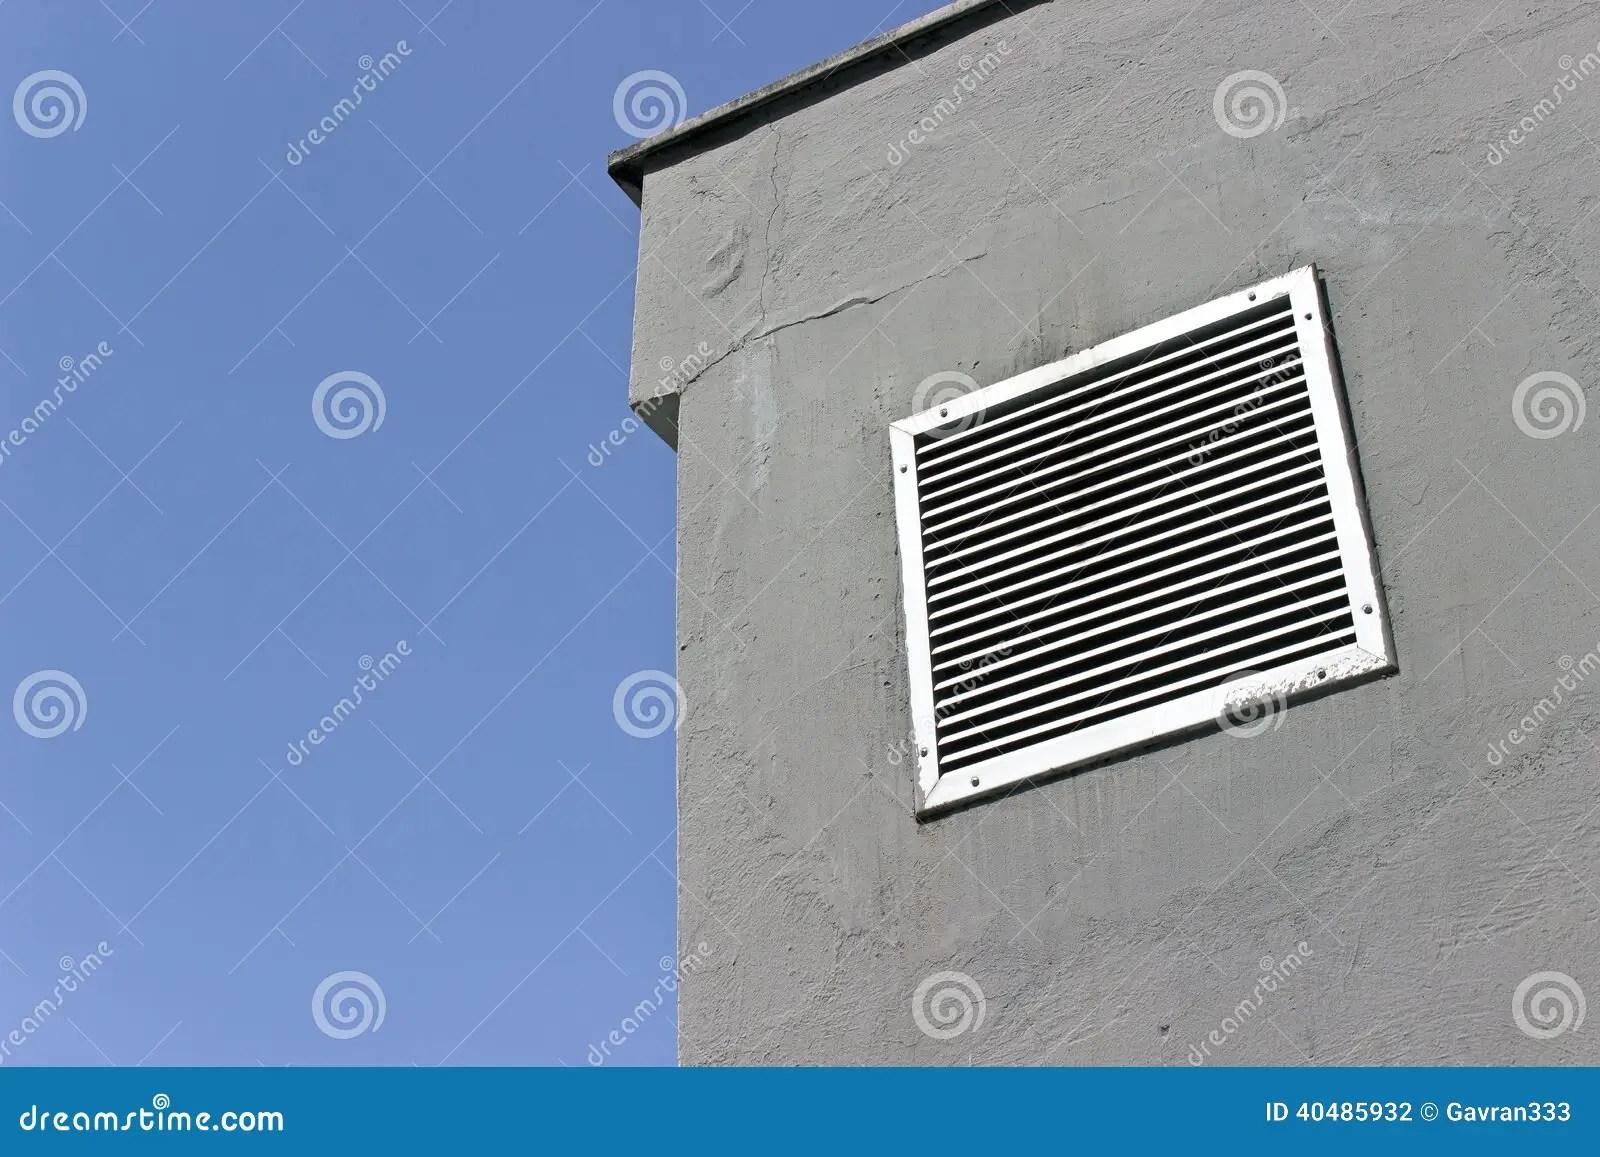 Entlftungsfenster Auf Grauer Betonmauer Stockfoto